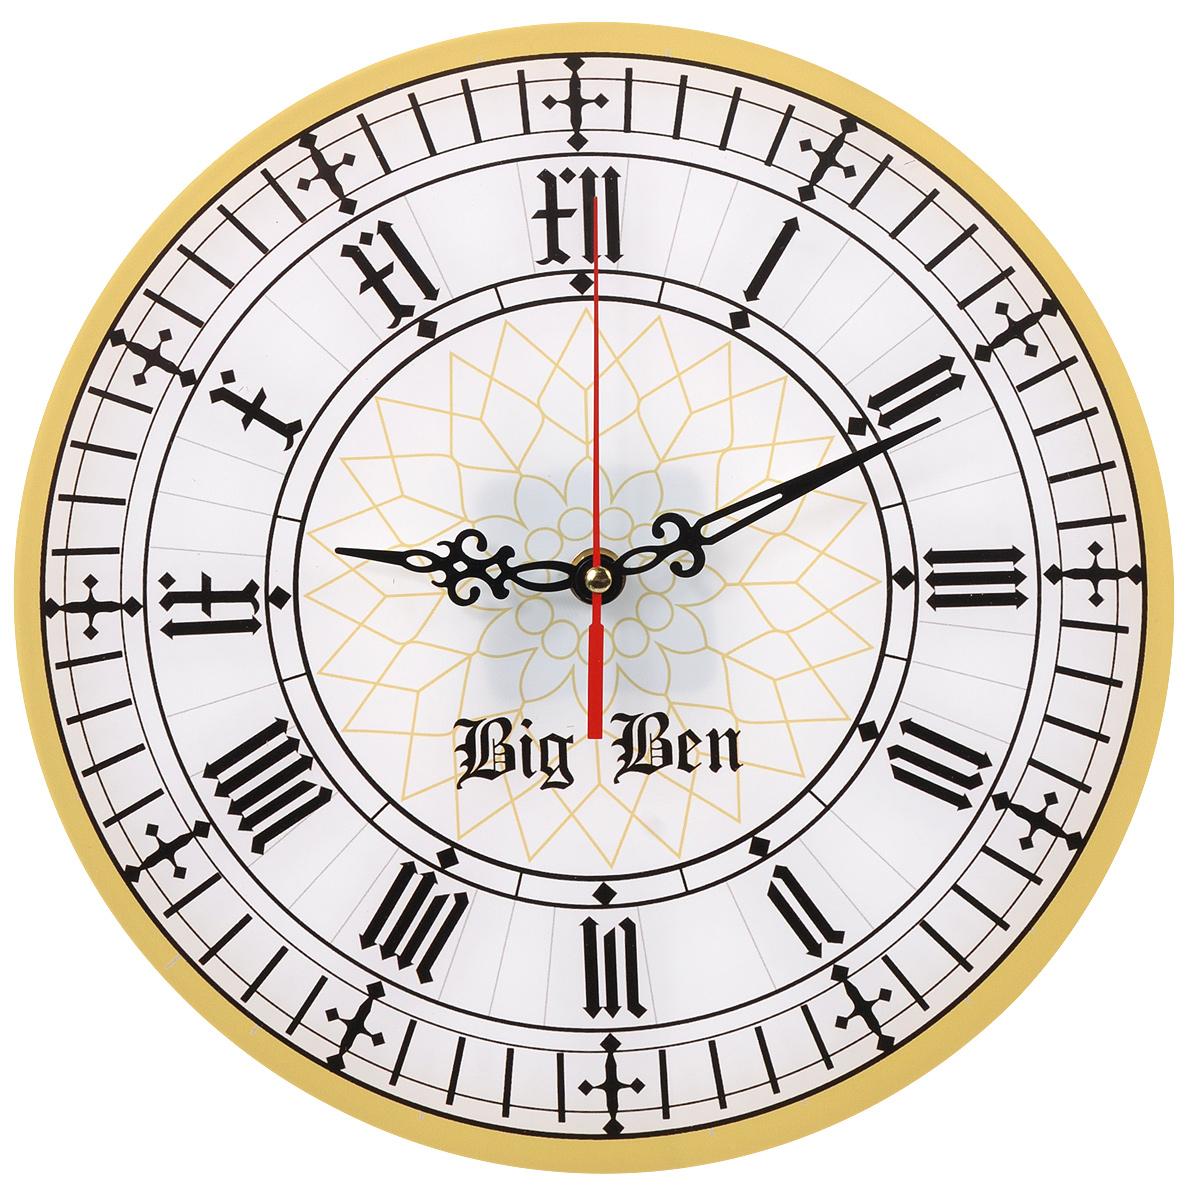 Часы настенные Big Ben, стеклянные. 9601296012Оригинальные настенные часы Big Ben круглой формы выполнены из стекла и оформлены орнаментом. Часы имеют три стрелки - часовую, минутную и секундную. Циферблат часов не защищен. Необычное дизайнерское решение и качество исполнения придутся по вкусу каждому.Оформите совой дом таким интерьерным аксессуаром или преподнесите его в качестве презента друзьям, и они оценят ваш оригинальный вкус и неординарность подарка.